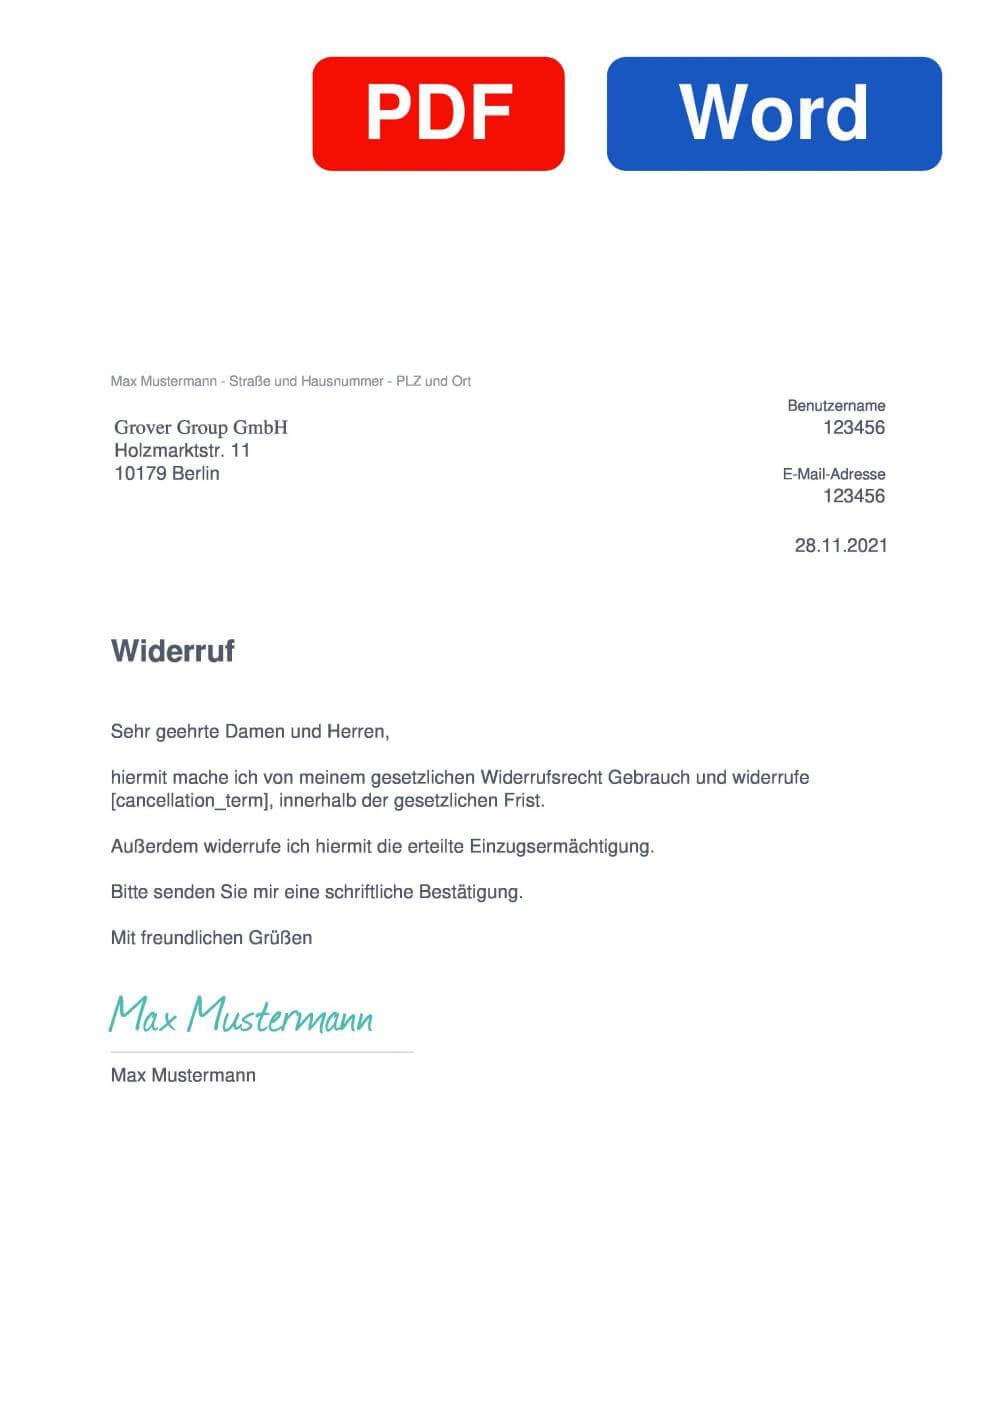 Grover Muster Vorlage für Wiederrufsschreiben